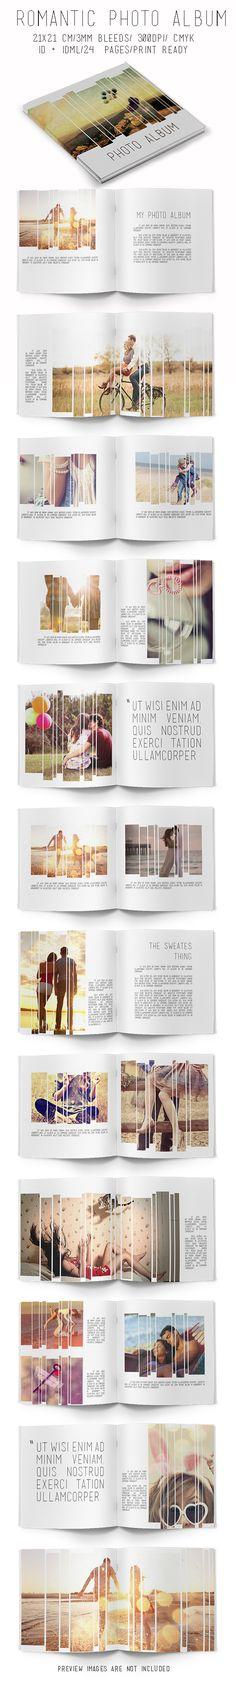 84 besten : G R A P H I C : Bilder auf Pinterest | Editorial design ...